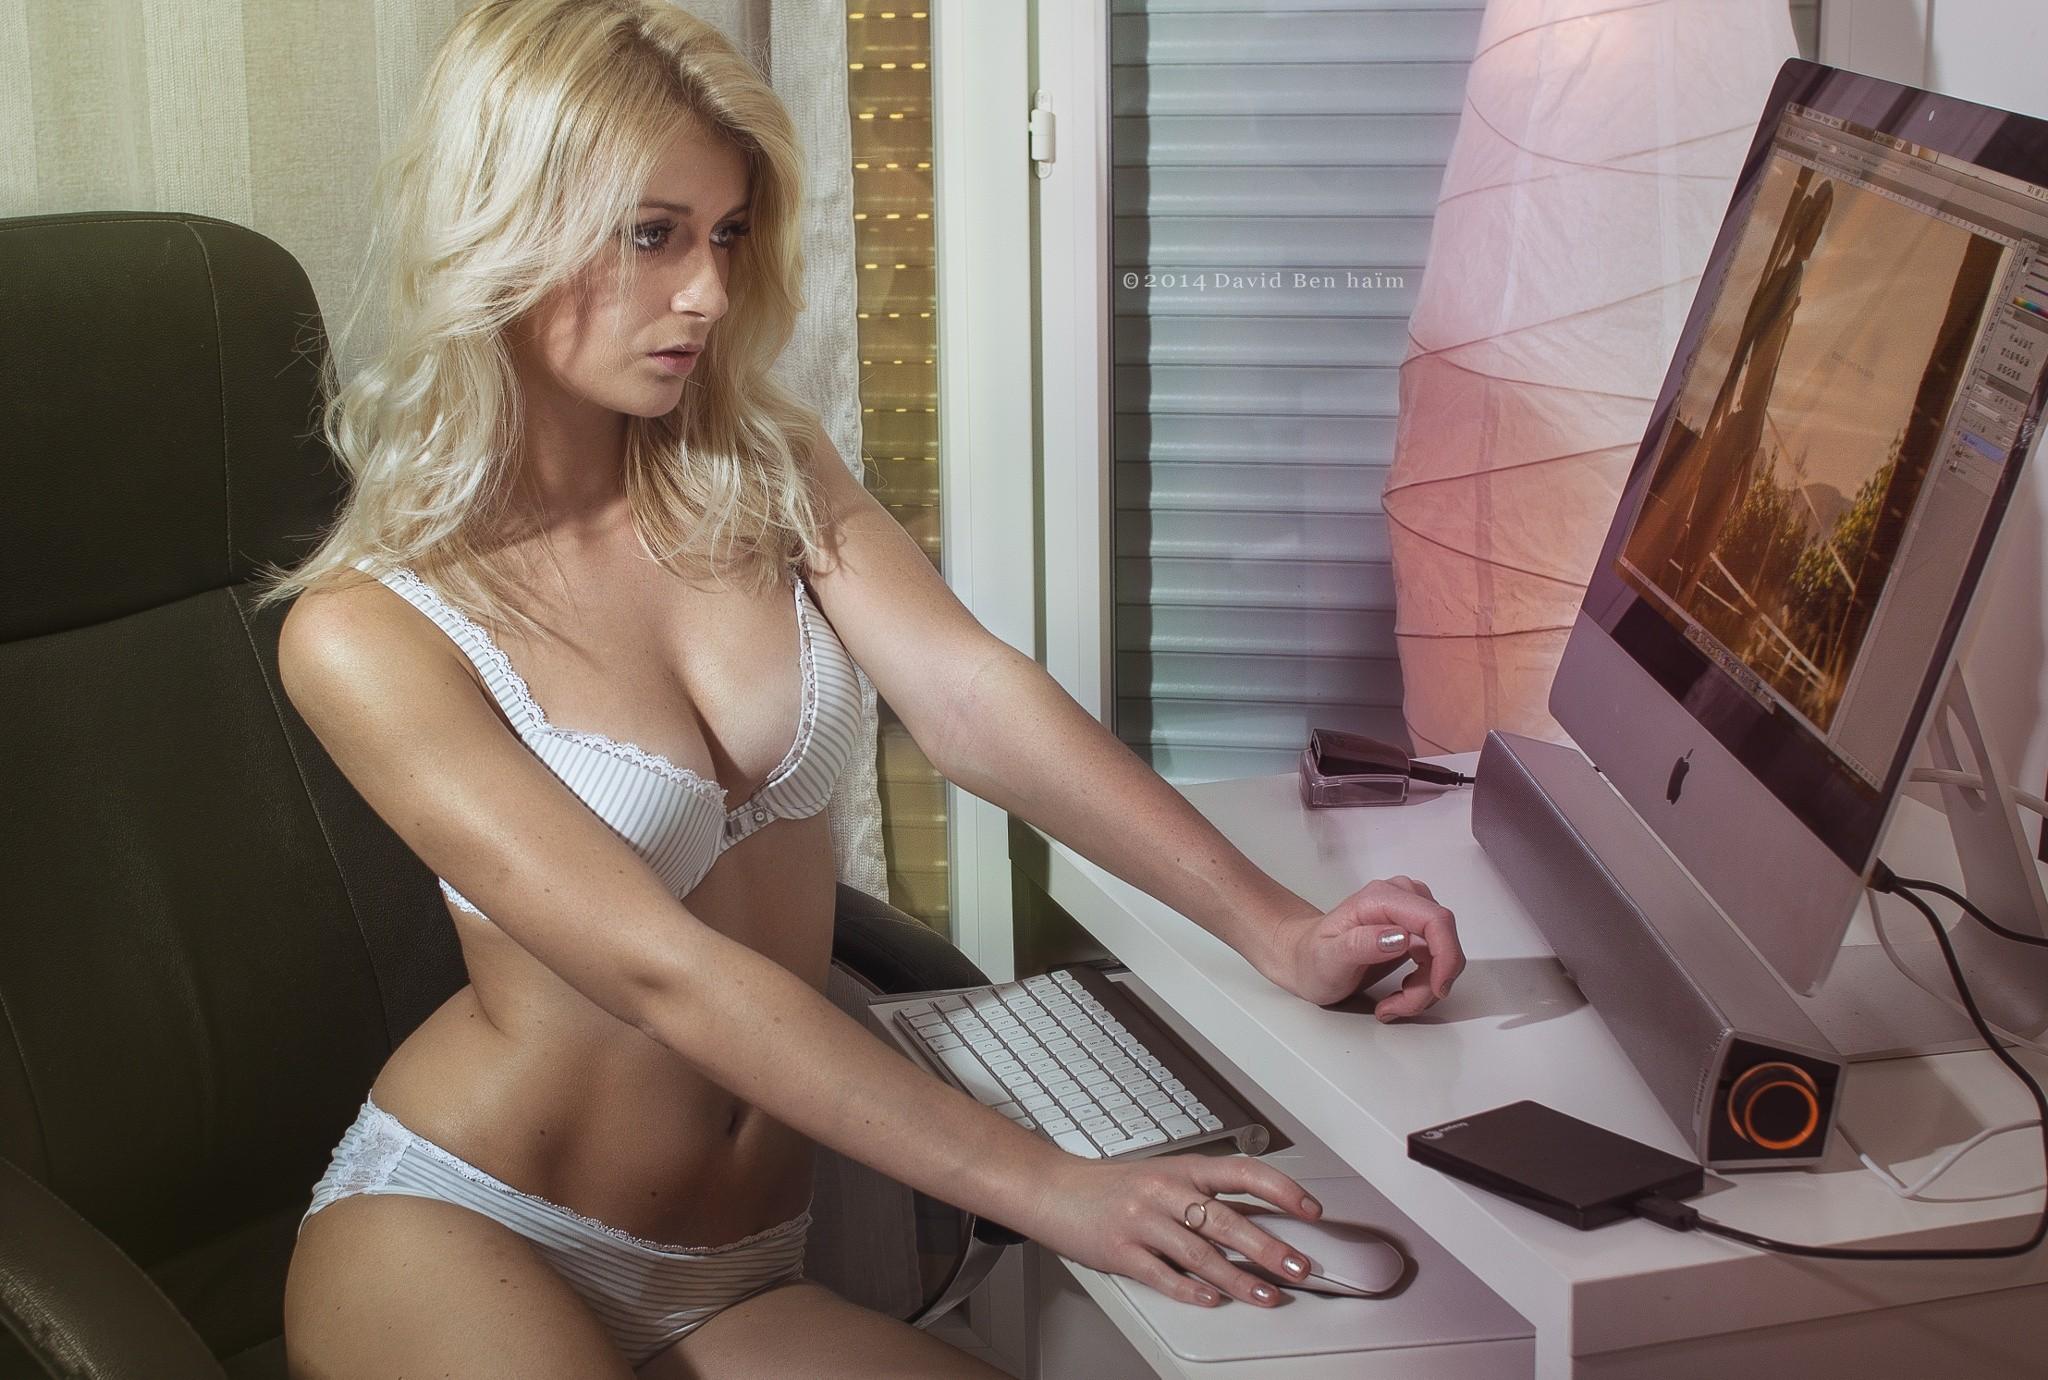 Эротичная блондинка за компьютером видео, порно садо мазо вакуум клитор